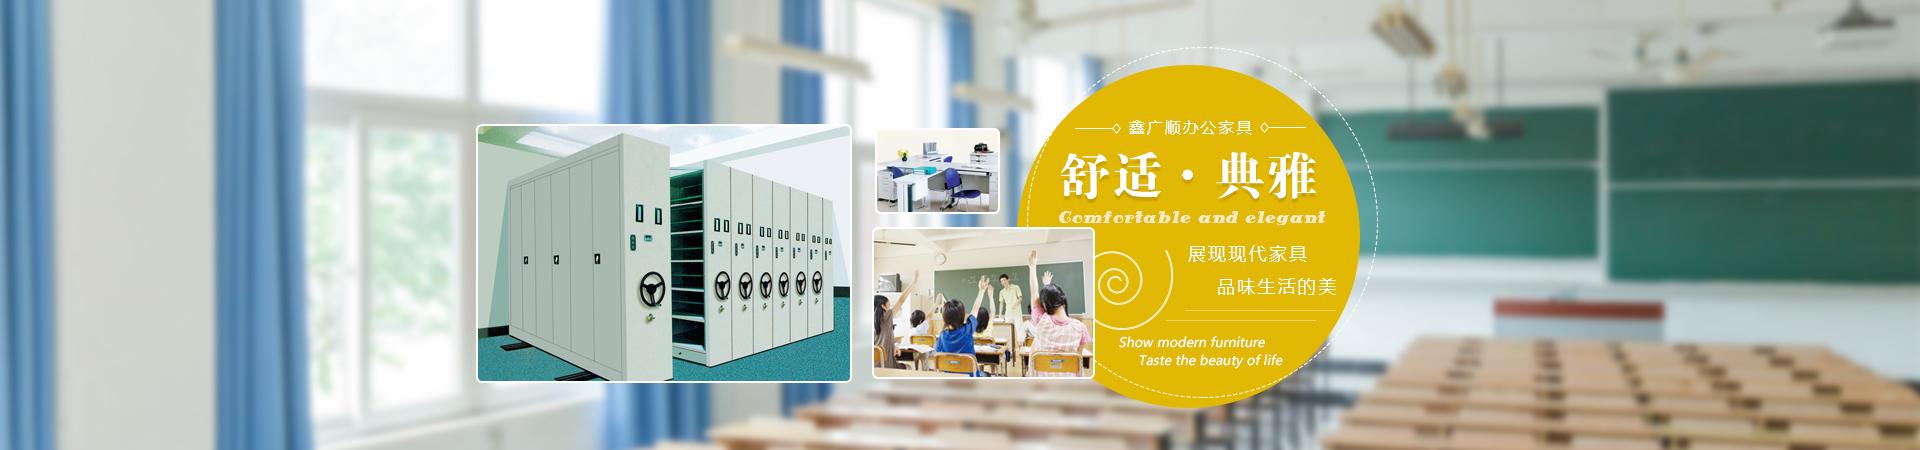 广西手机万博官网最新版